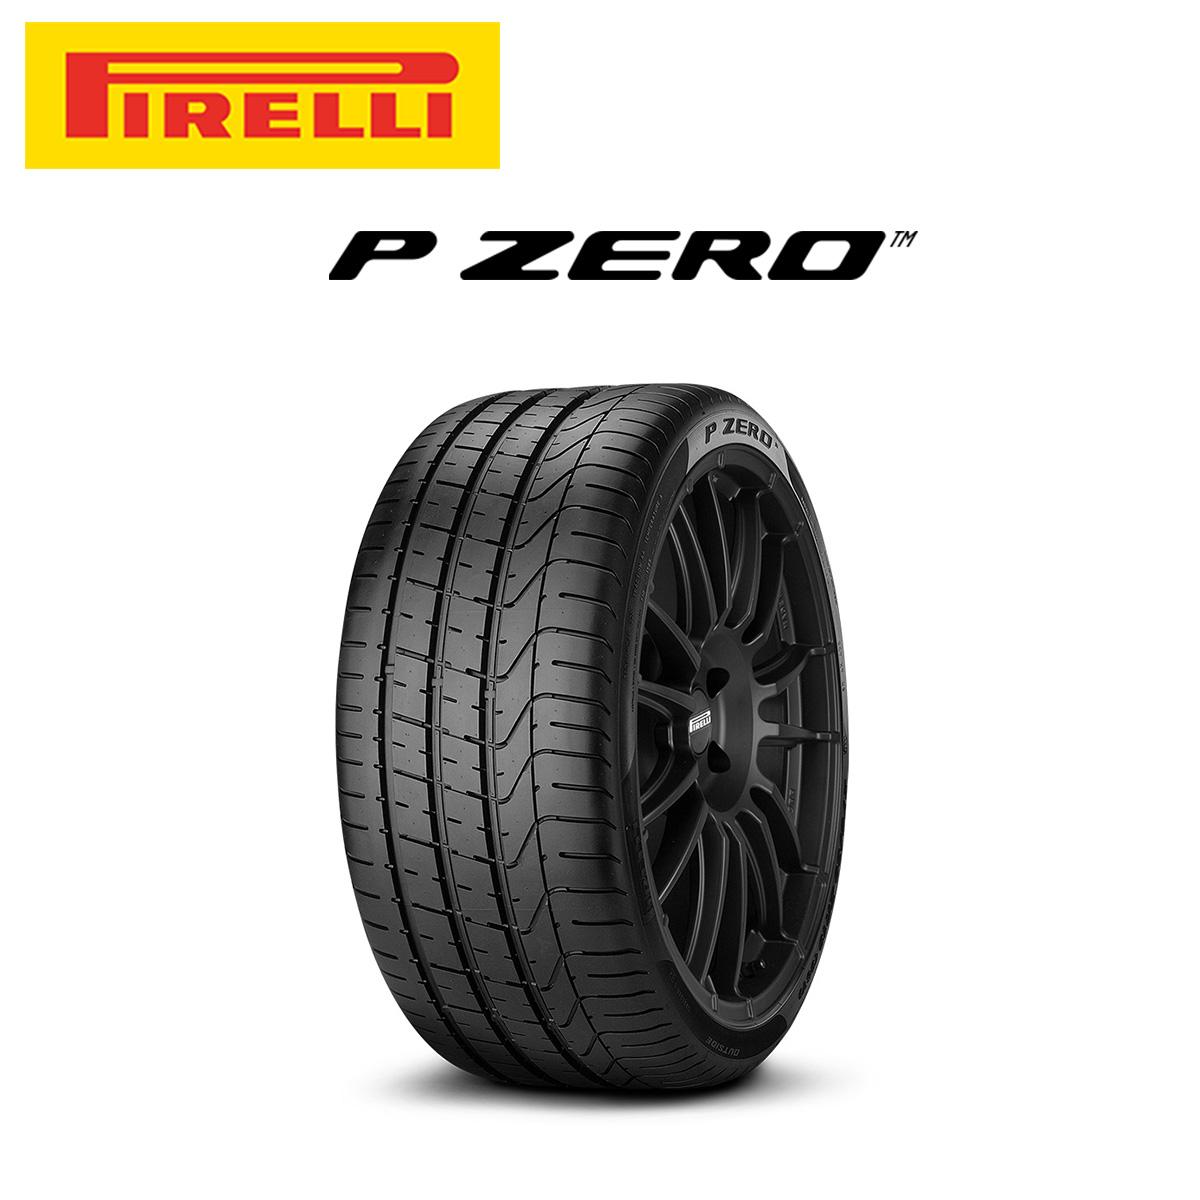 ピレリ PIRELLI P ZERO ピーゼロ 20インチ サマー タイヤ 4本 セット 265/45R20 108Y XL MGT:マセラティ承認タイヤ 2611700